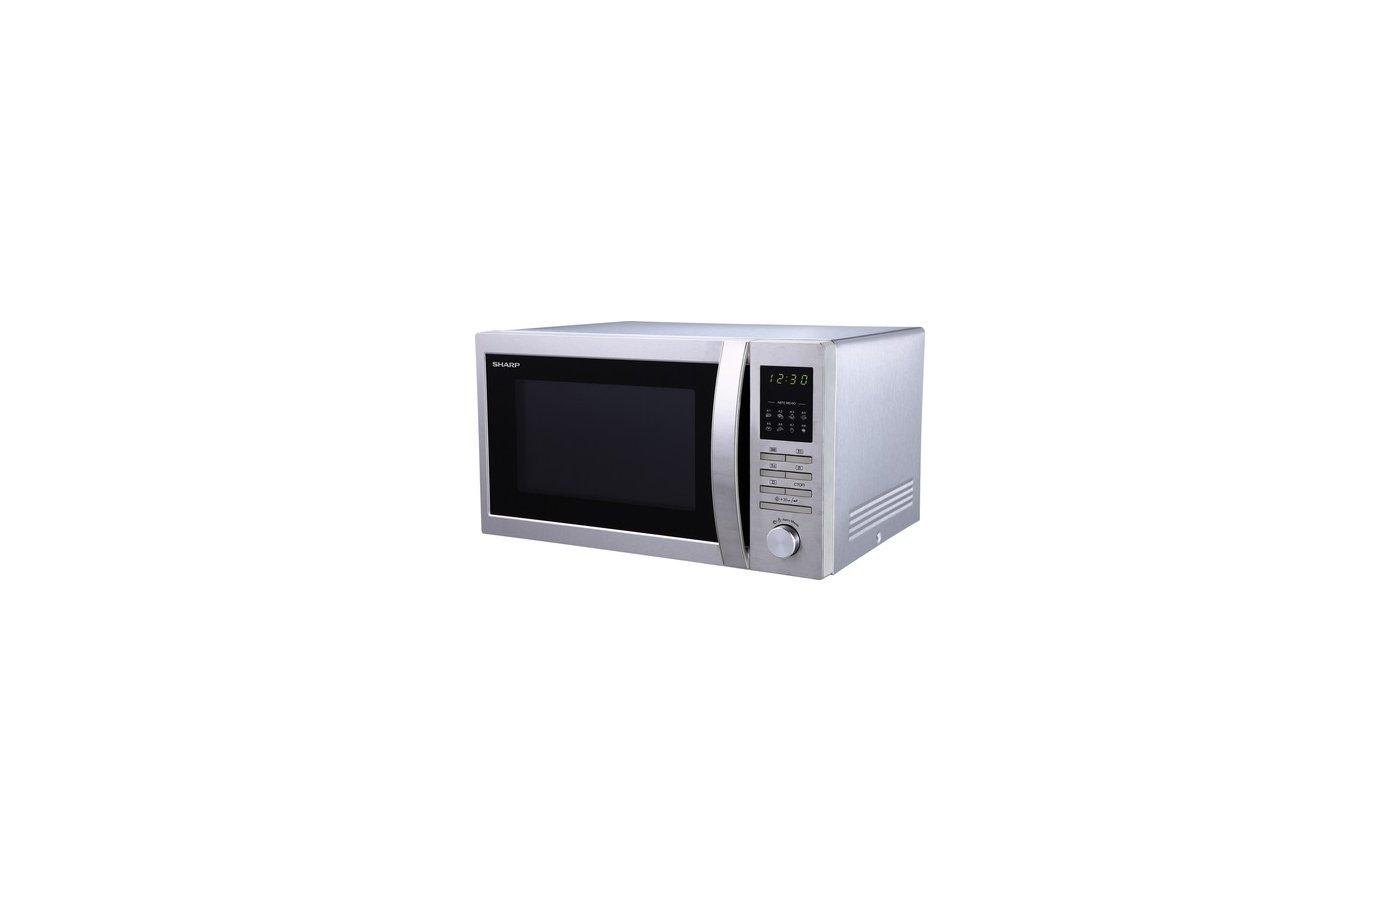 Микроволновая печь SHARP R3495ST